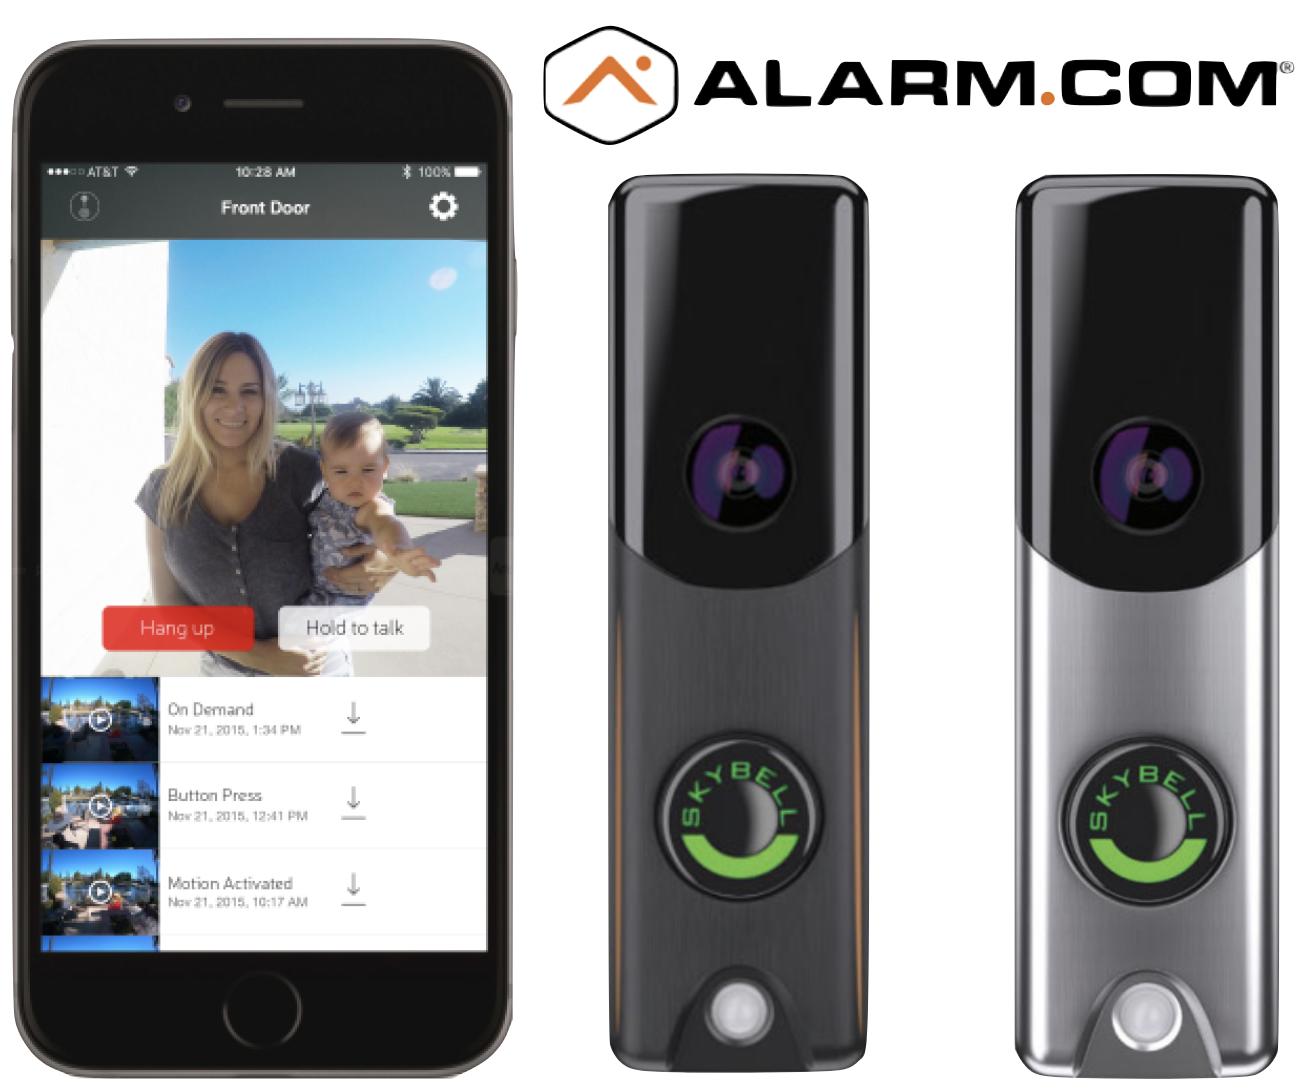 Skybell Slim Line Wi Fi Doorbell Camera Alarm Com Color